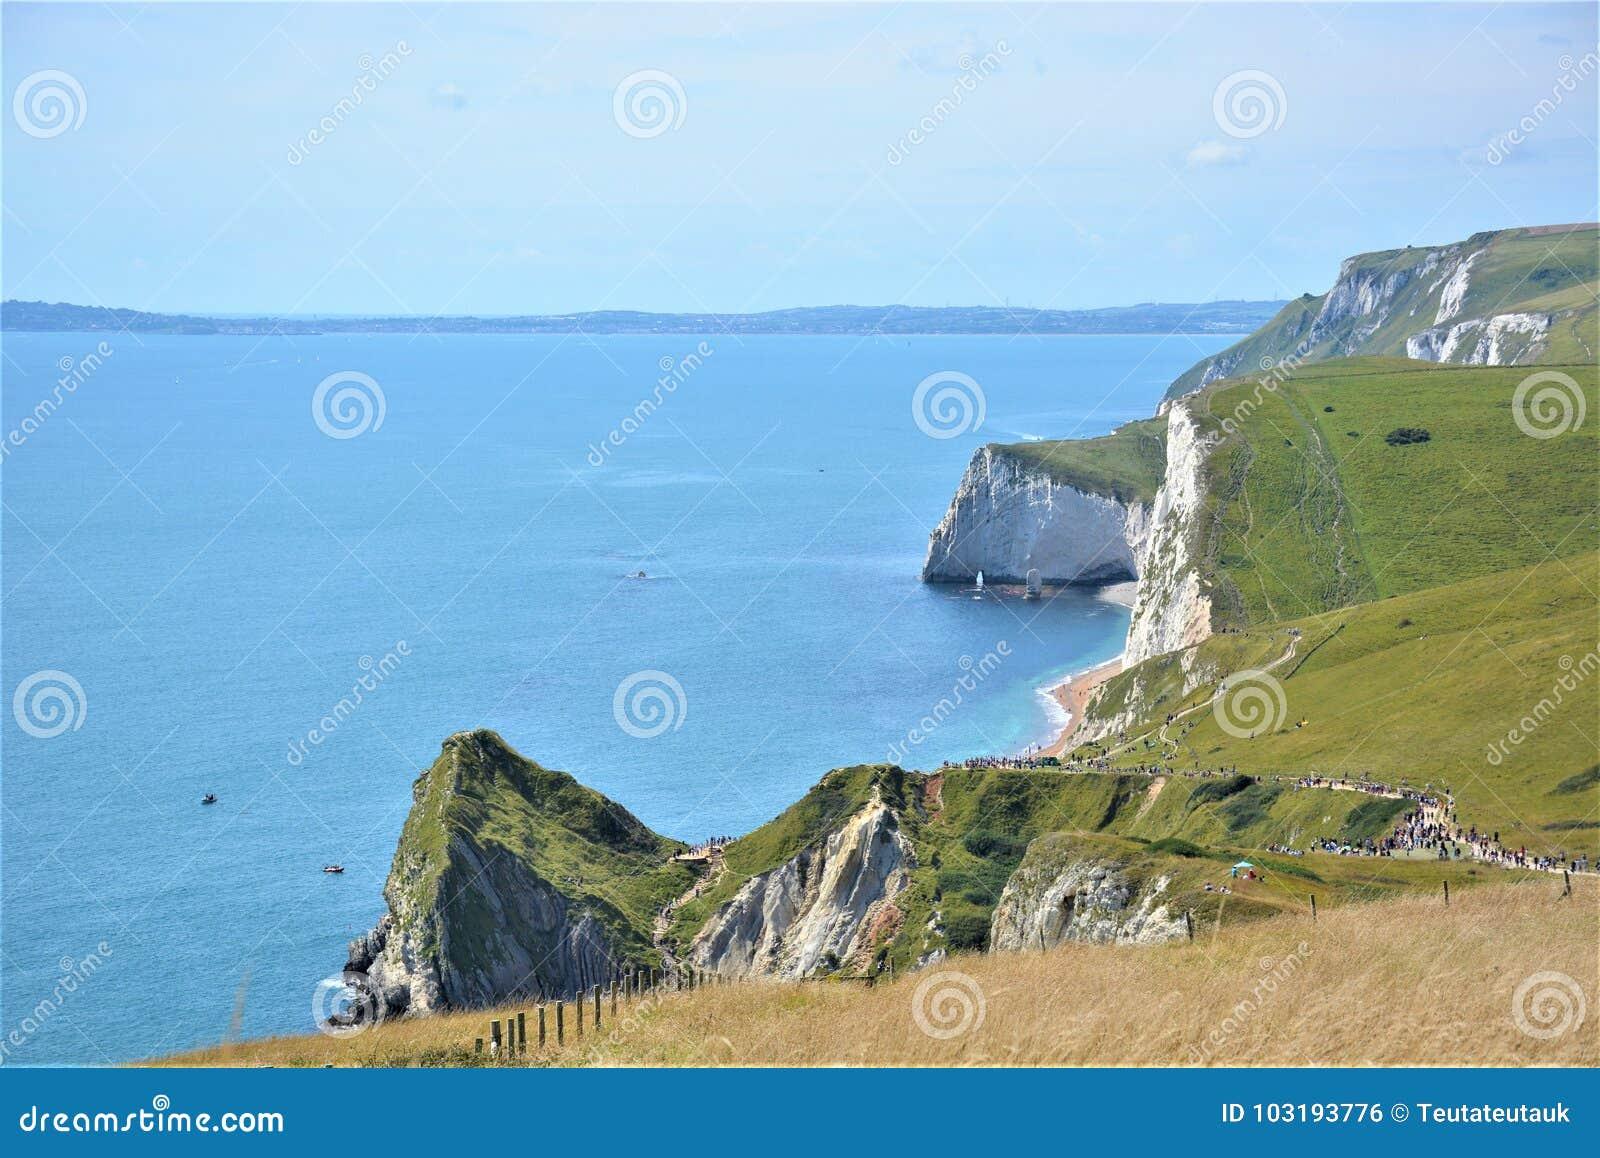 Белые скалы, зеленые холмы, голубое море, Англия, Дорсет, Великобритания